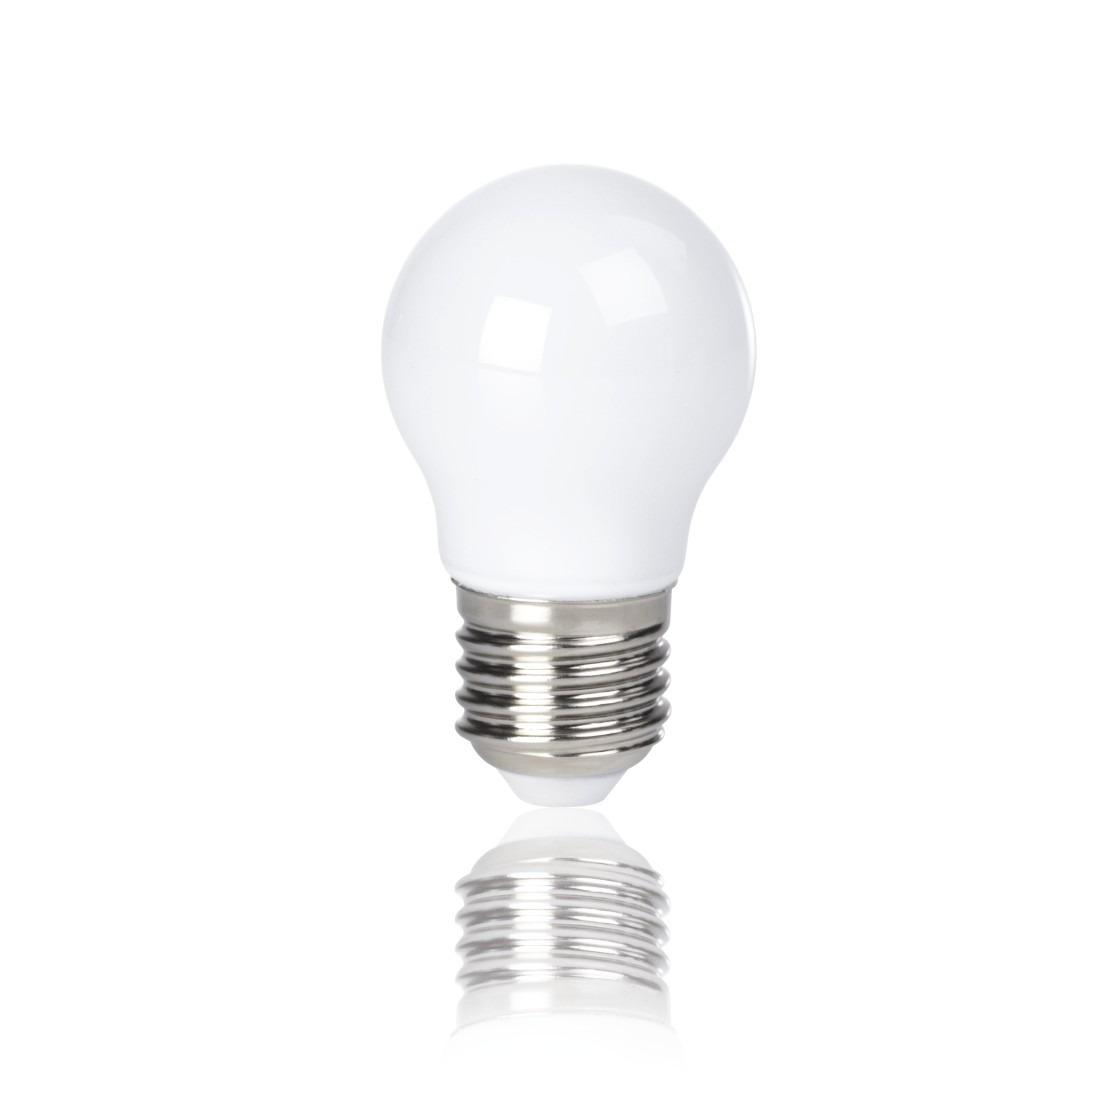 Korting Xavax Ledlamp, E27, 250lm vervangt 25W, druppellamp volledig glas